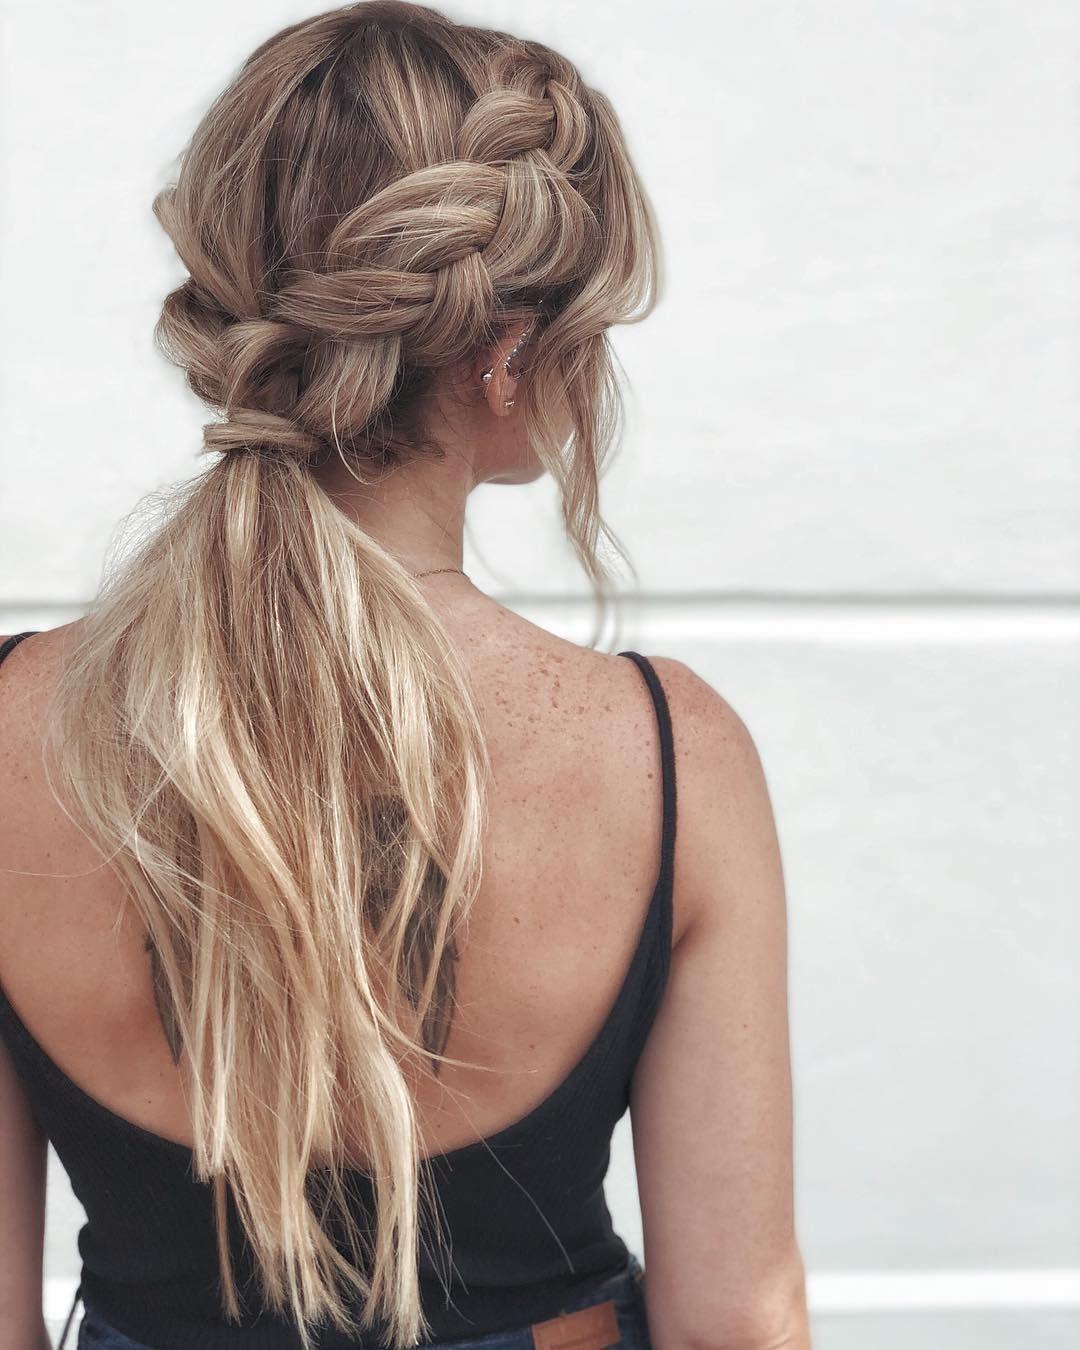 Simple braids + effortless pony